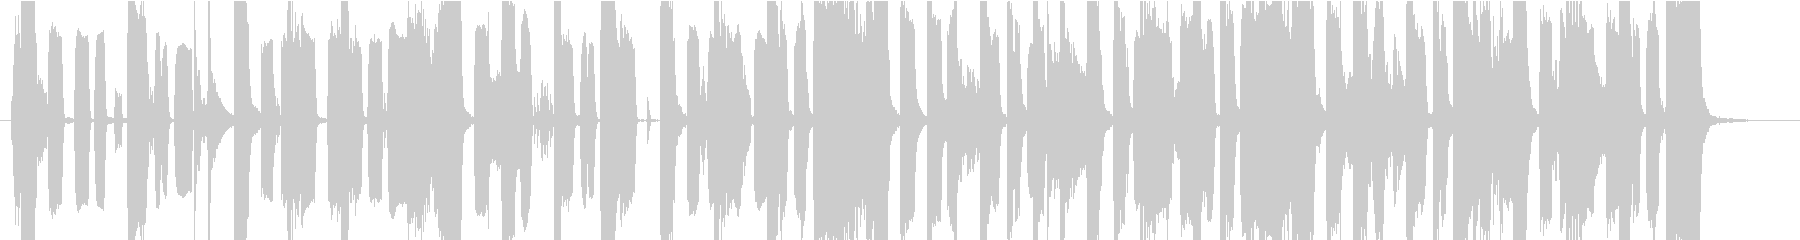 ピコピコ電子音・可愛いジングルの未再生の波形